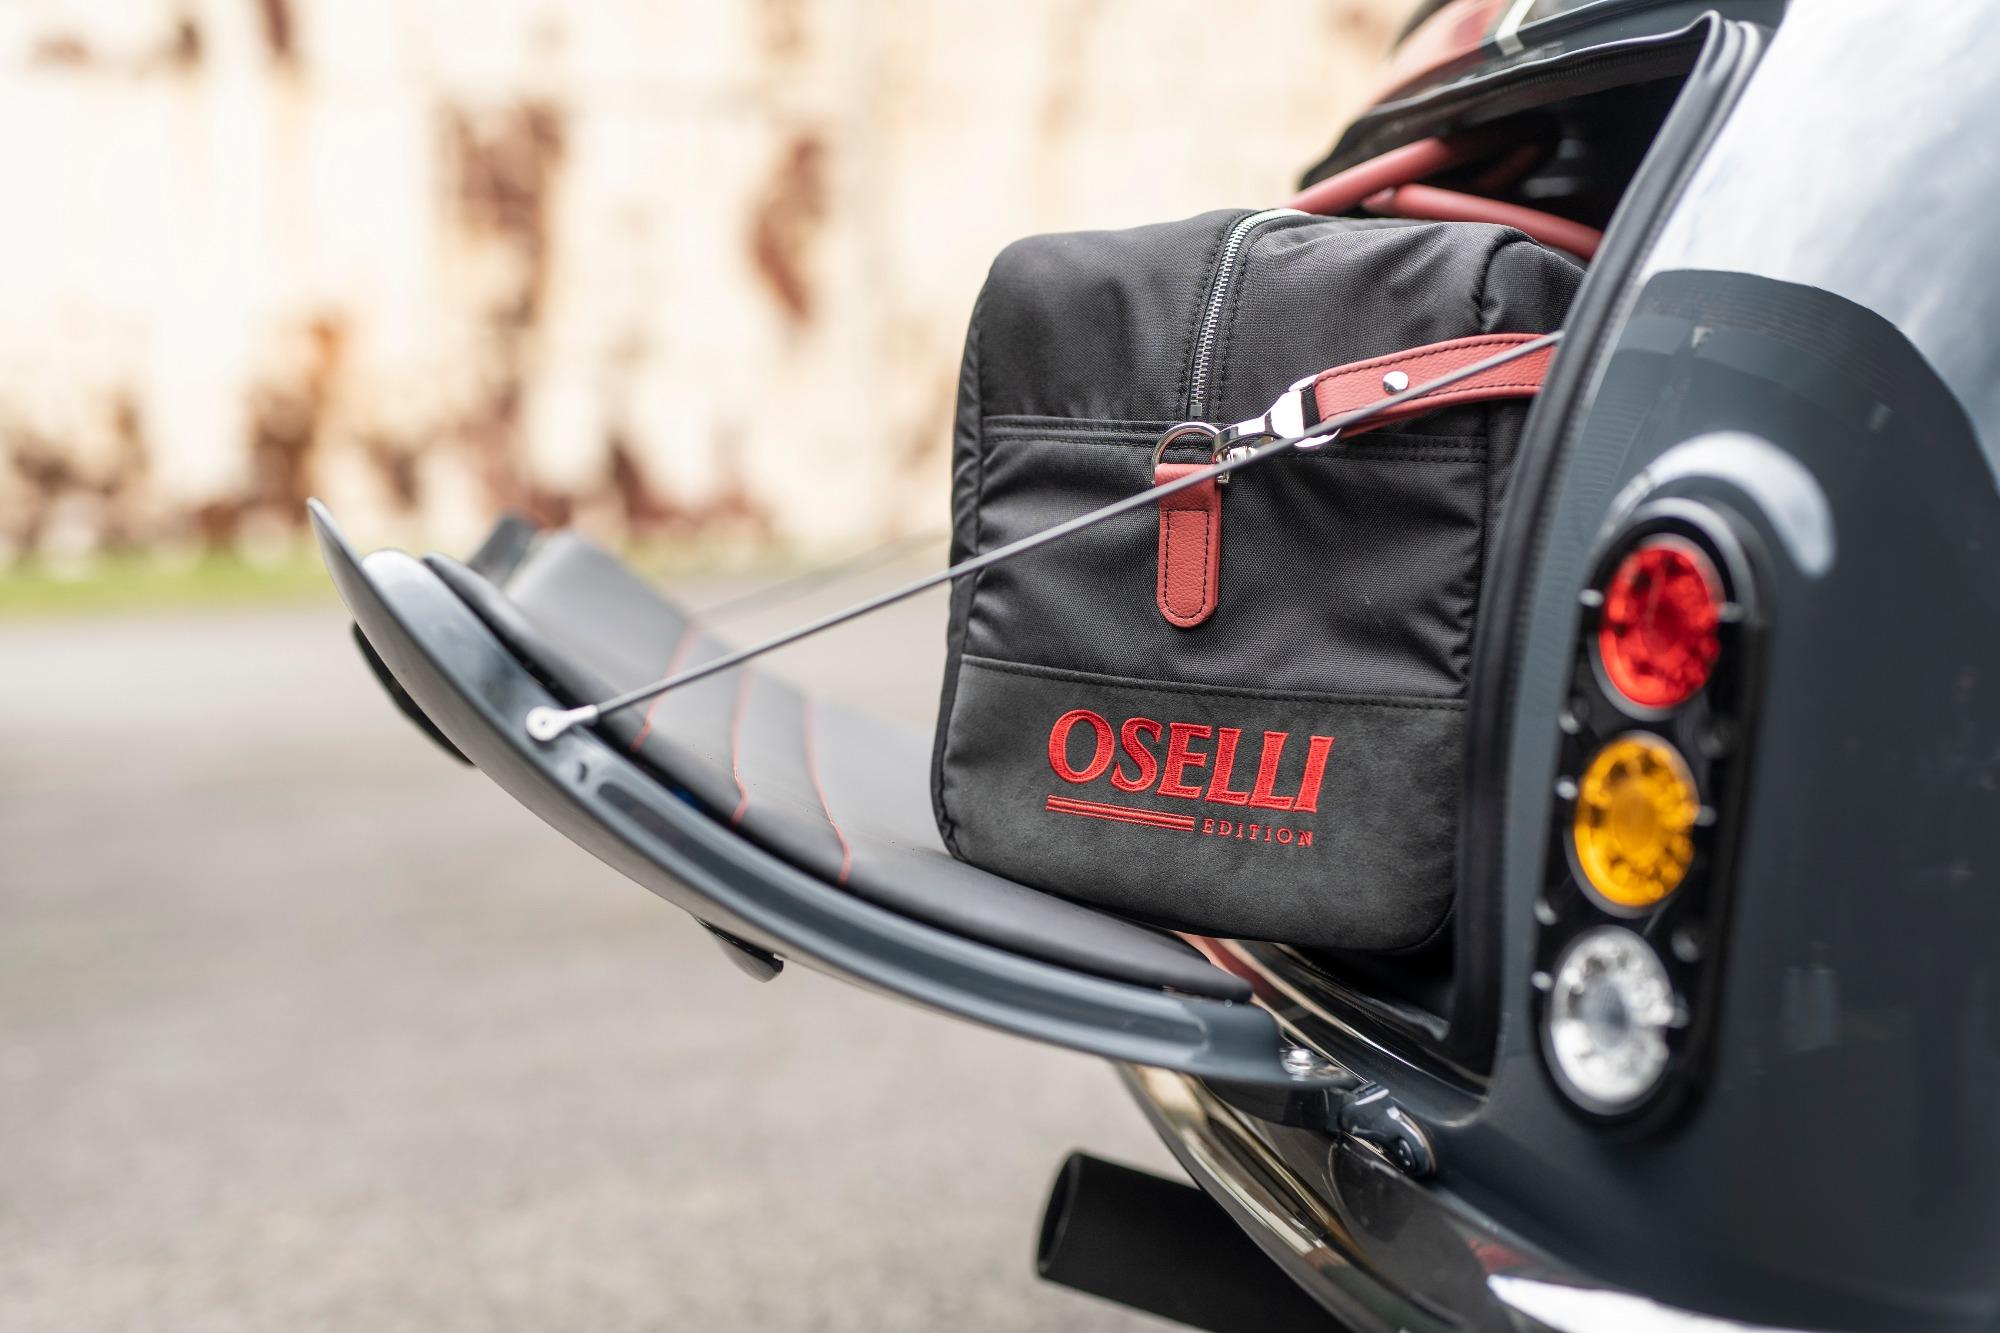 Porta-malas do Mini Remastered Oselli Edition visto de lado